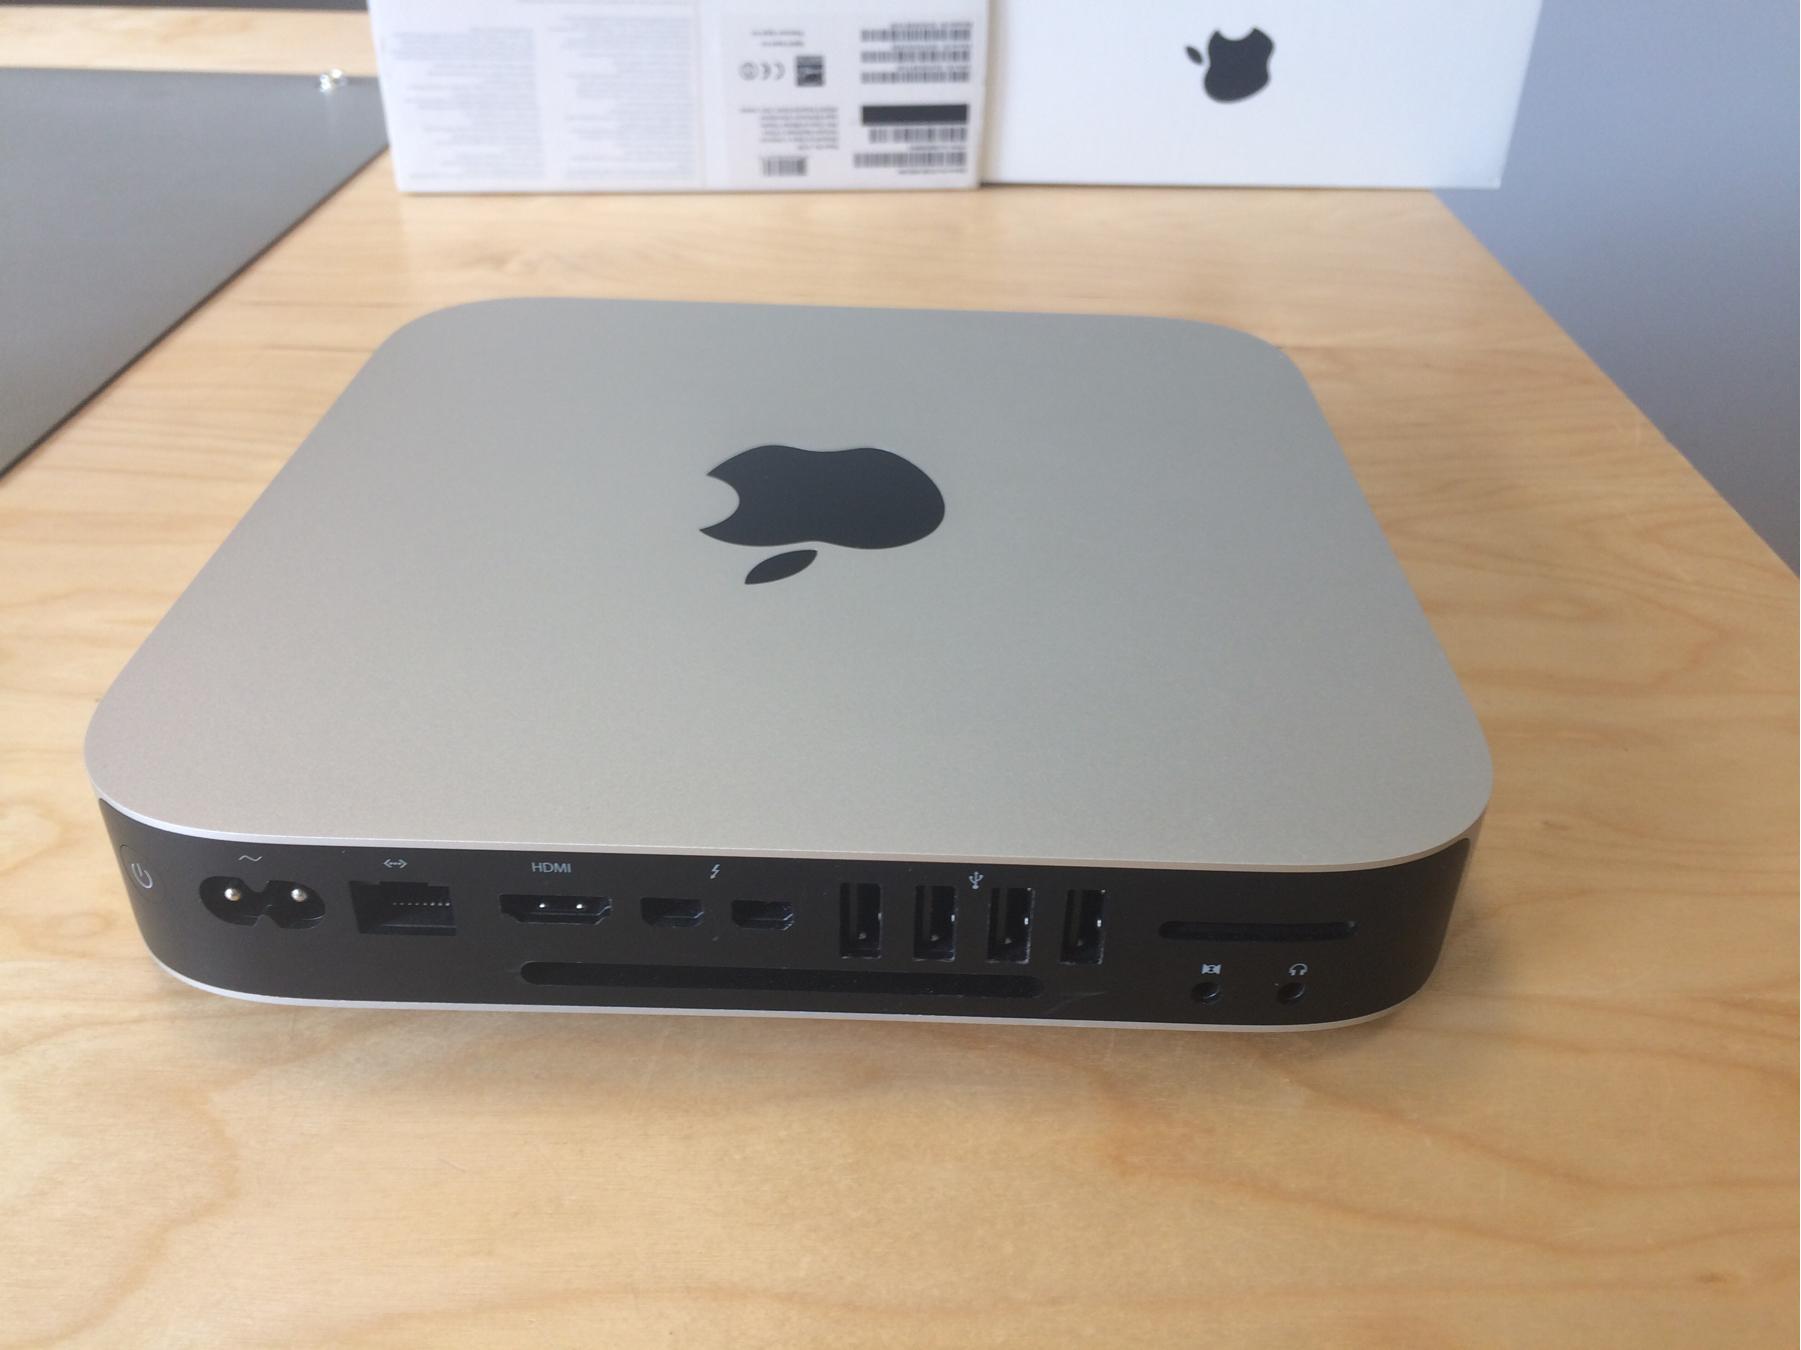 Mac Mini Late 2014 (Intel Core i5 2.6 GHz 8 GB RAM 1 TB HDD), 2.6 GHz Intel Core i5, 8GB 1600 MHz, 1TB HDD, obraz 2